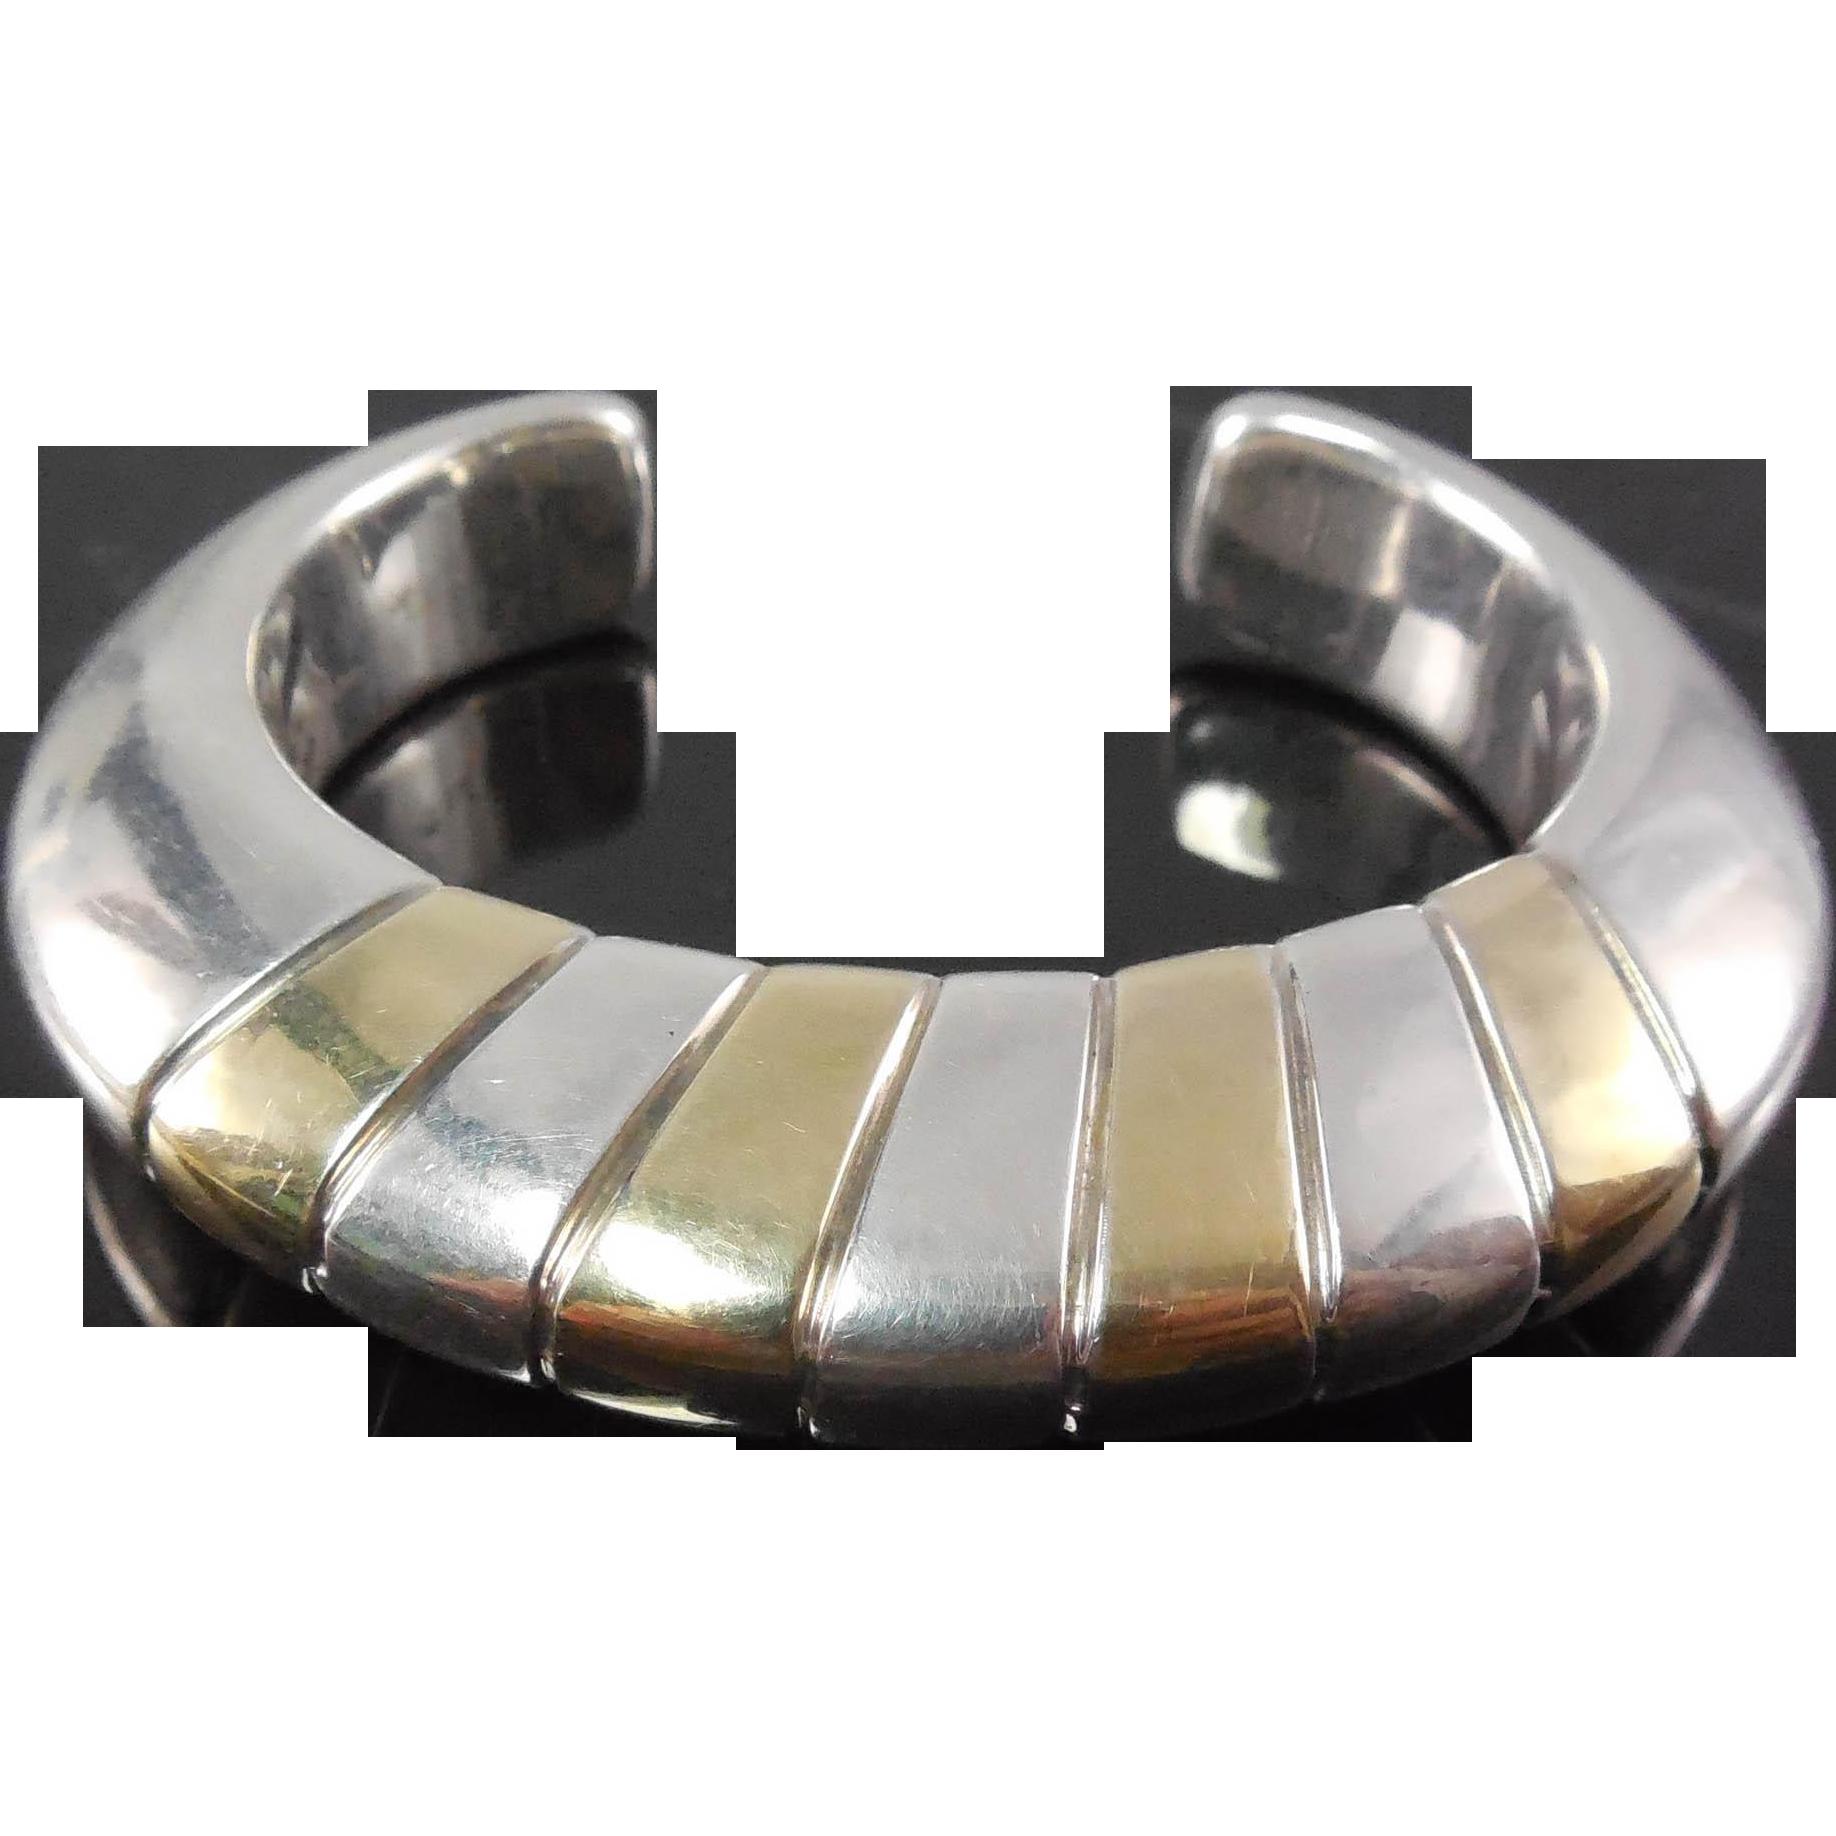 Designer Signed Brian Bergner Electroform Sterling Silver Bracelet - Two Tone Cuff Bracelet In Silver & Gold